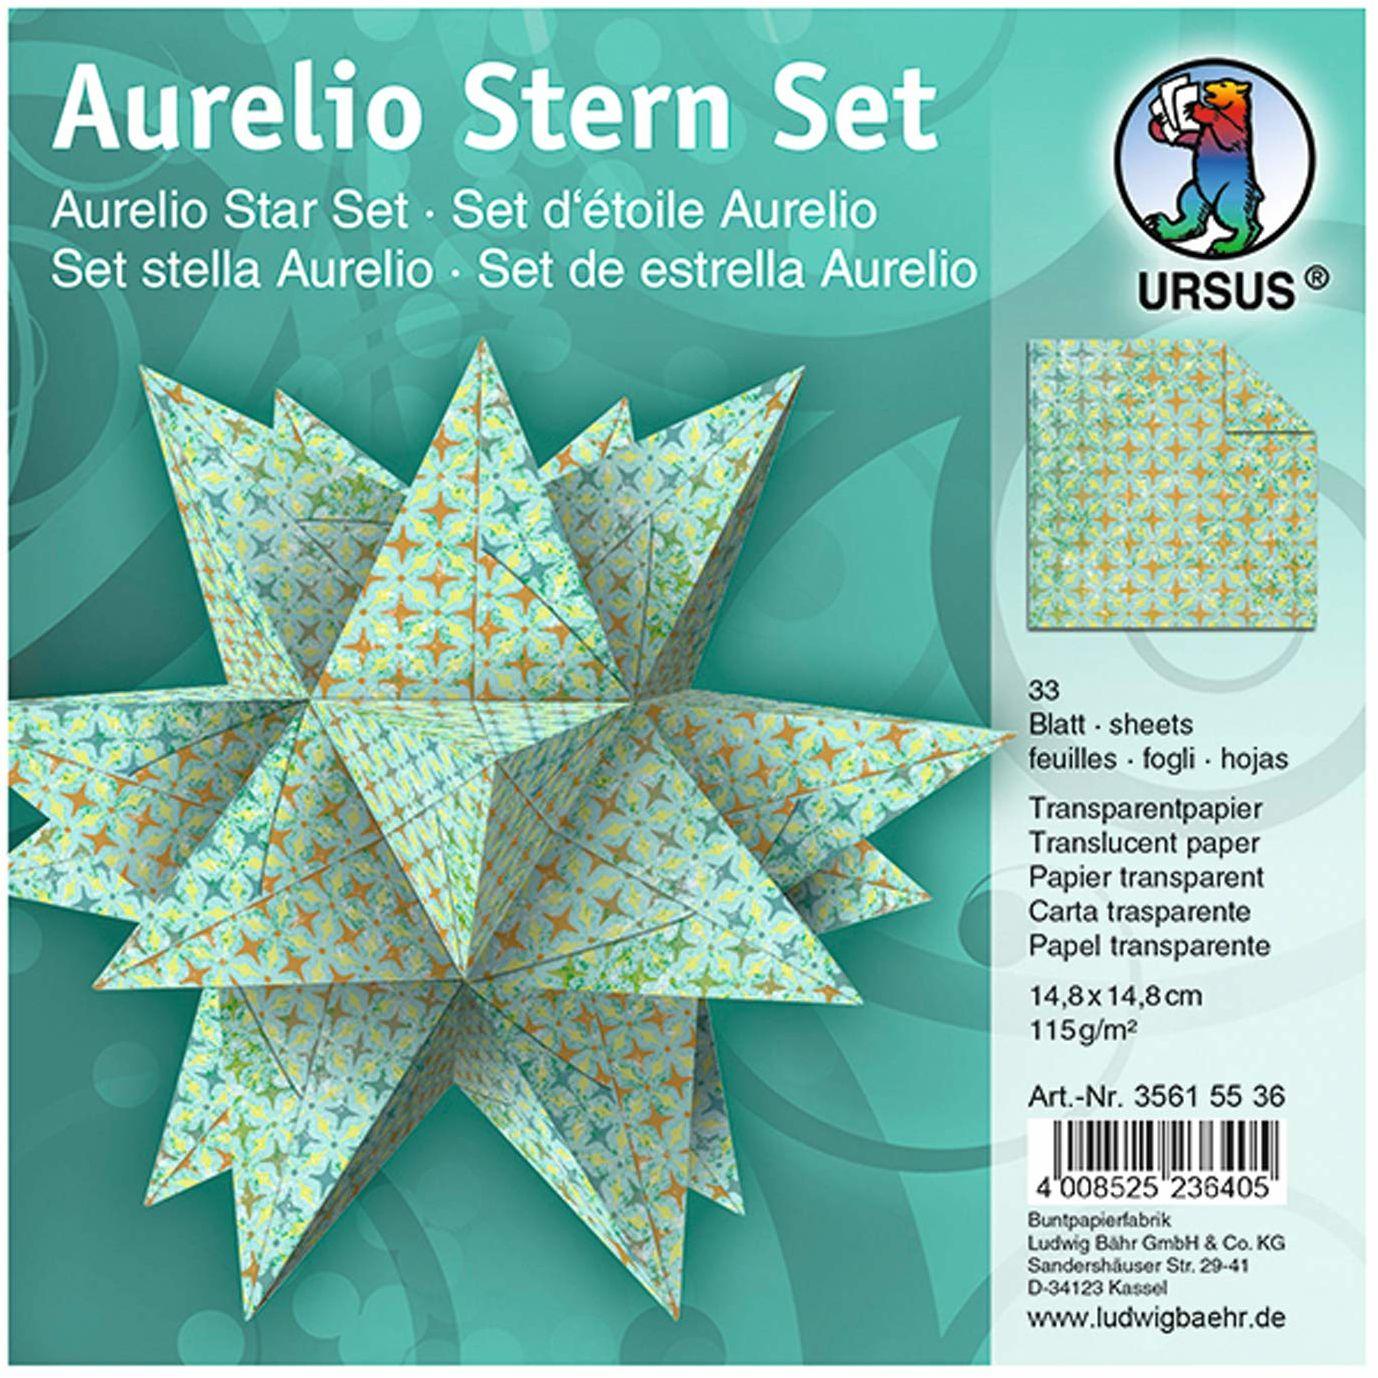 URSUS 35615536 - arkusze Aurelio gwiazda Paradiso, 33 arkusze papieru przezroczystego po 14,8 x 14,8 cm, 115 g/m , zadrukowane jednostronnie, piękne papierowe gwiazdy na Boże Narodzenie, turkusowe